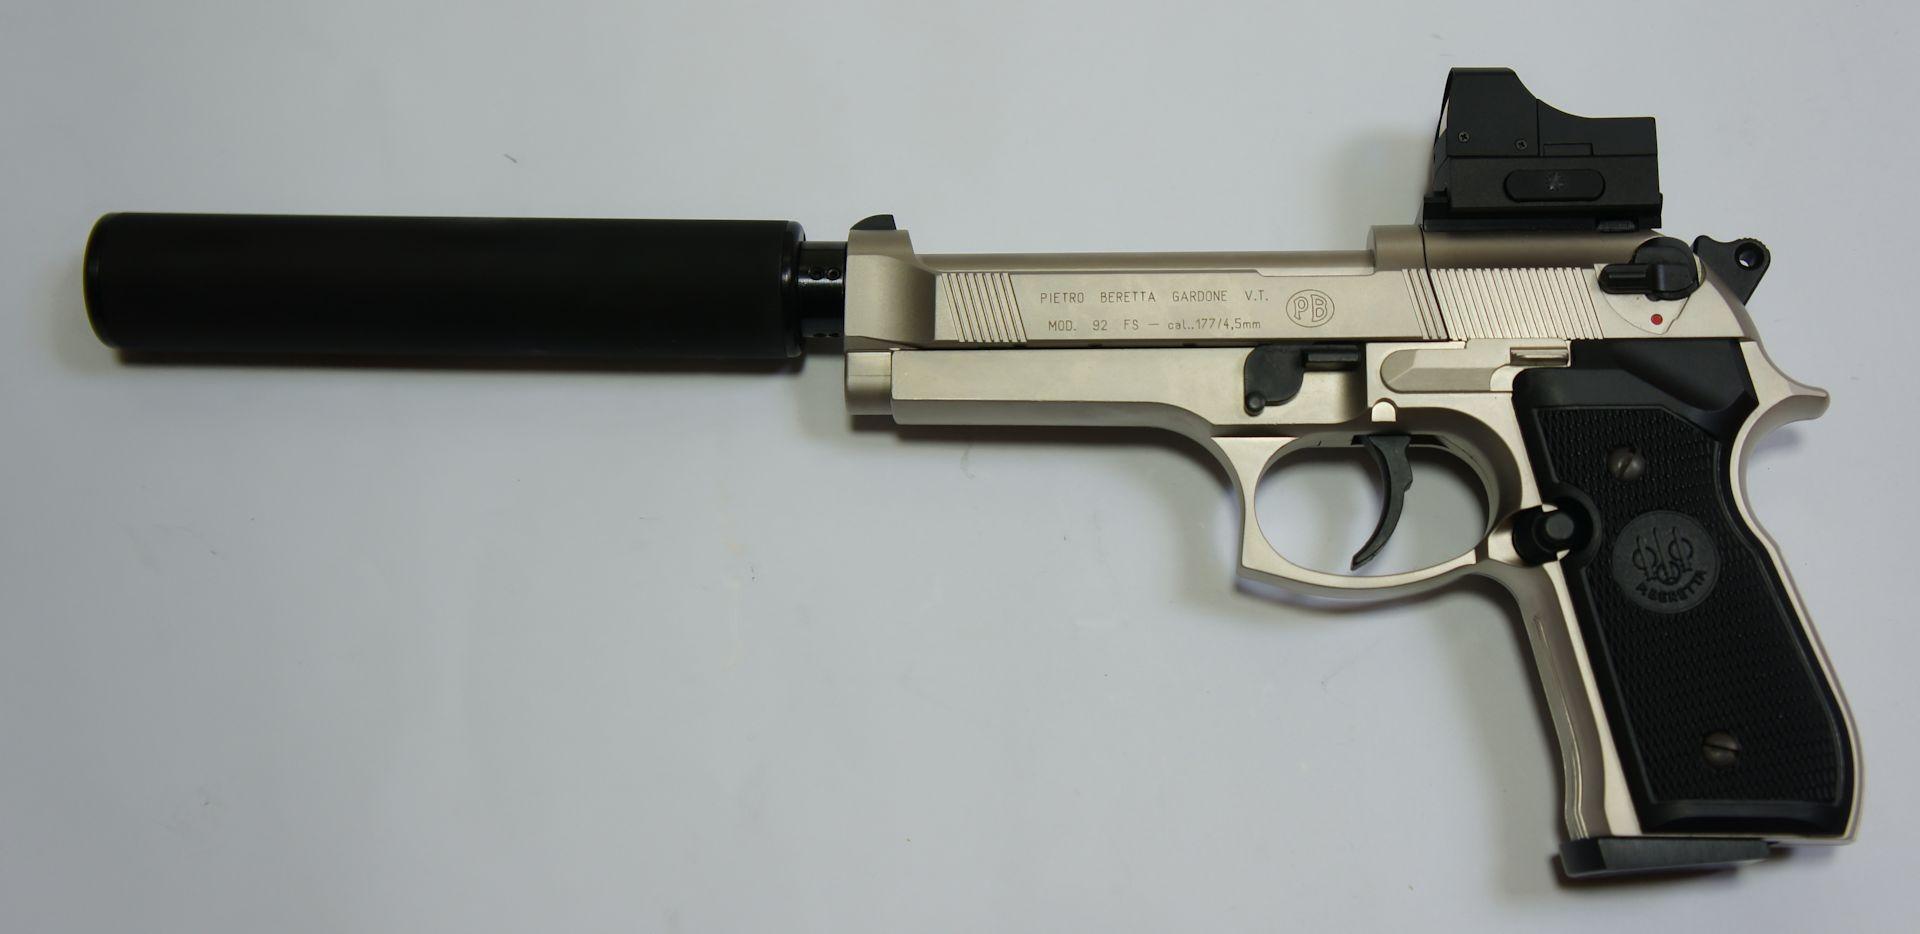 An so einer vernickelten CO2 Pistole Beretta wird als Montagebeispiel gezeigt, dass als Zubehör hier auch  ein wirkungsvoller <a href=1165829.htm>Schalldämpfer mittels Adapter</a> passt. Optiken, wie <a href=../1130222.htm>das abgebildete Reflexvisier</a>, erfordern  <a href=../1130675-92.htm>eine passende Montageschiene</a>